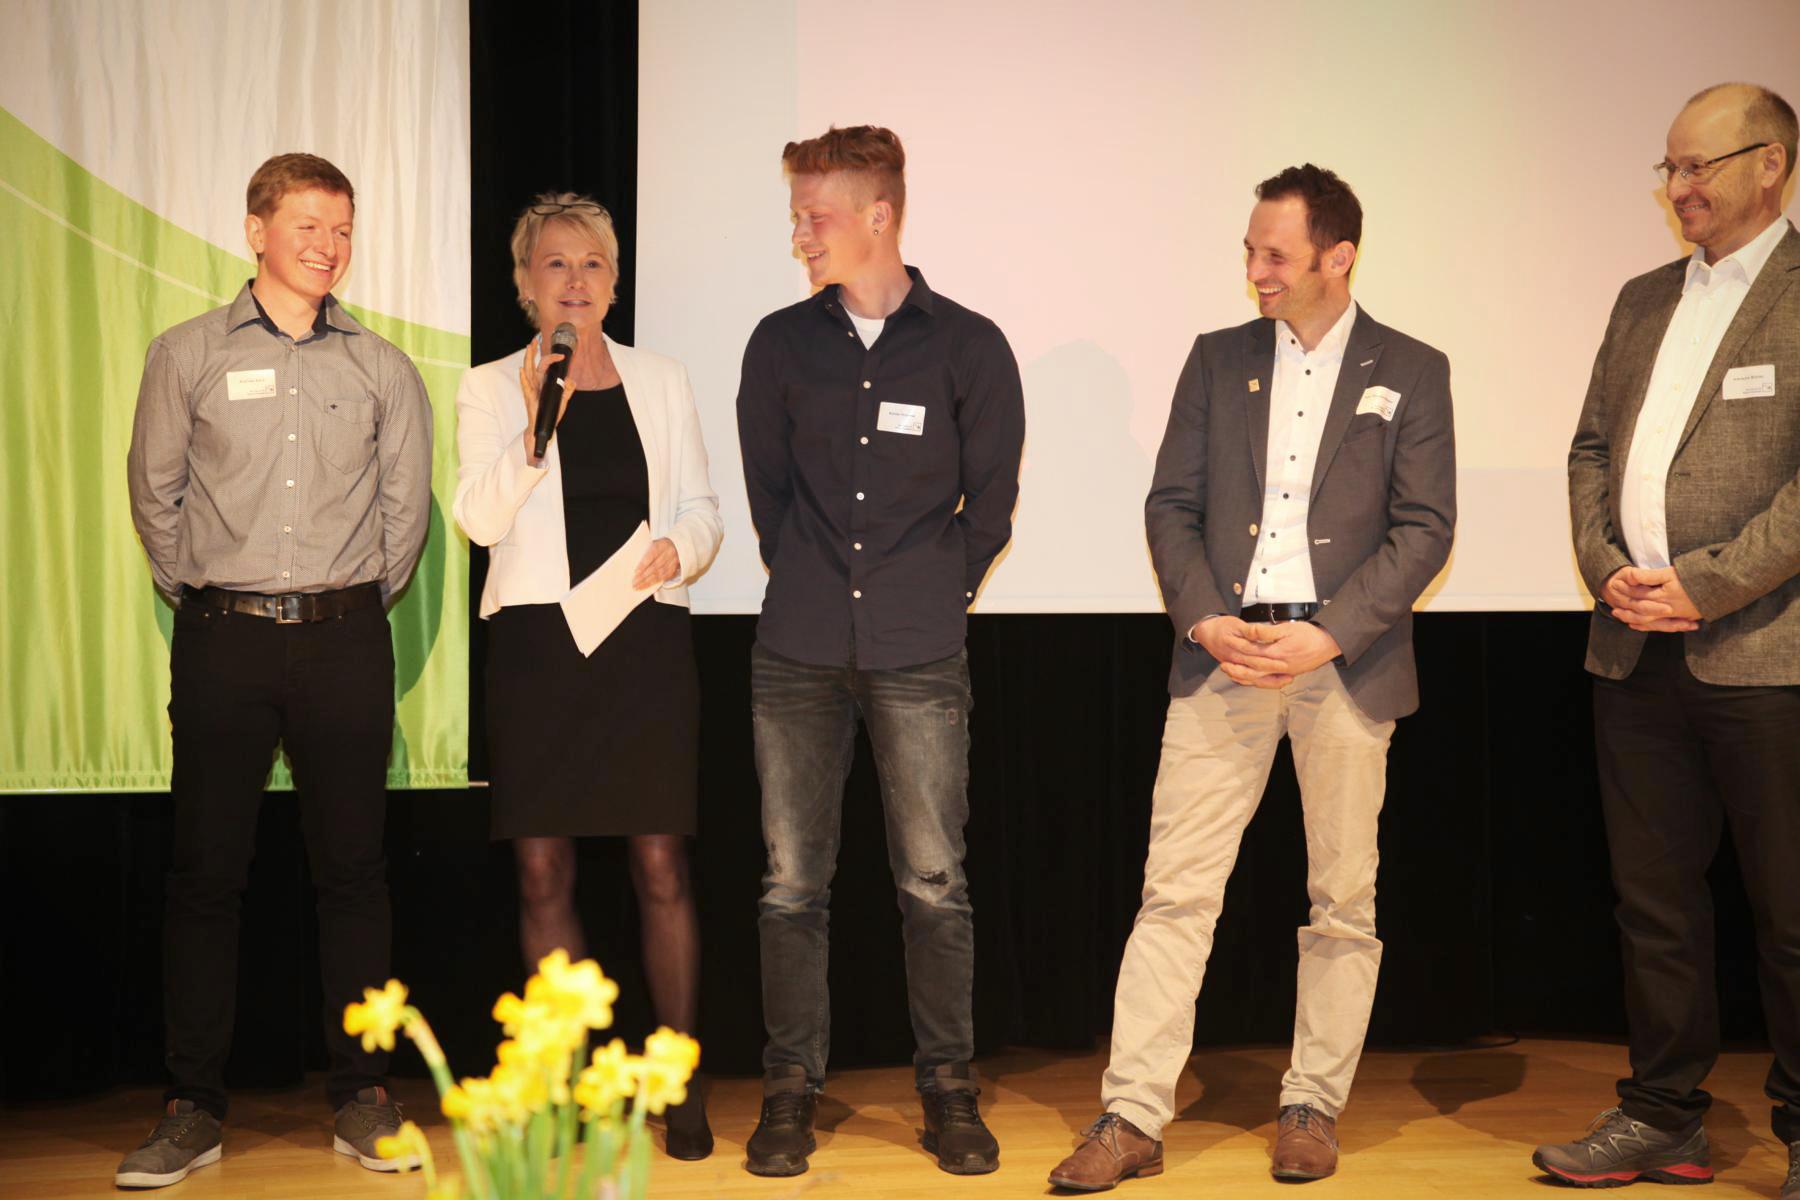 Moderation der Mitgliederversammlung des Gartenbauverbandes, März 2019 in der Harmonie Heilbronn bei der Ehrung der erfolgreichsten Nachwuchs-Landschaftsgärtner